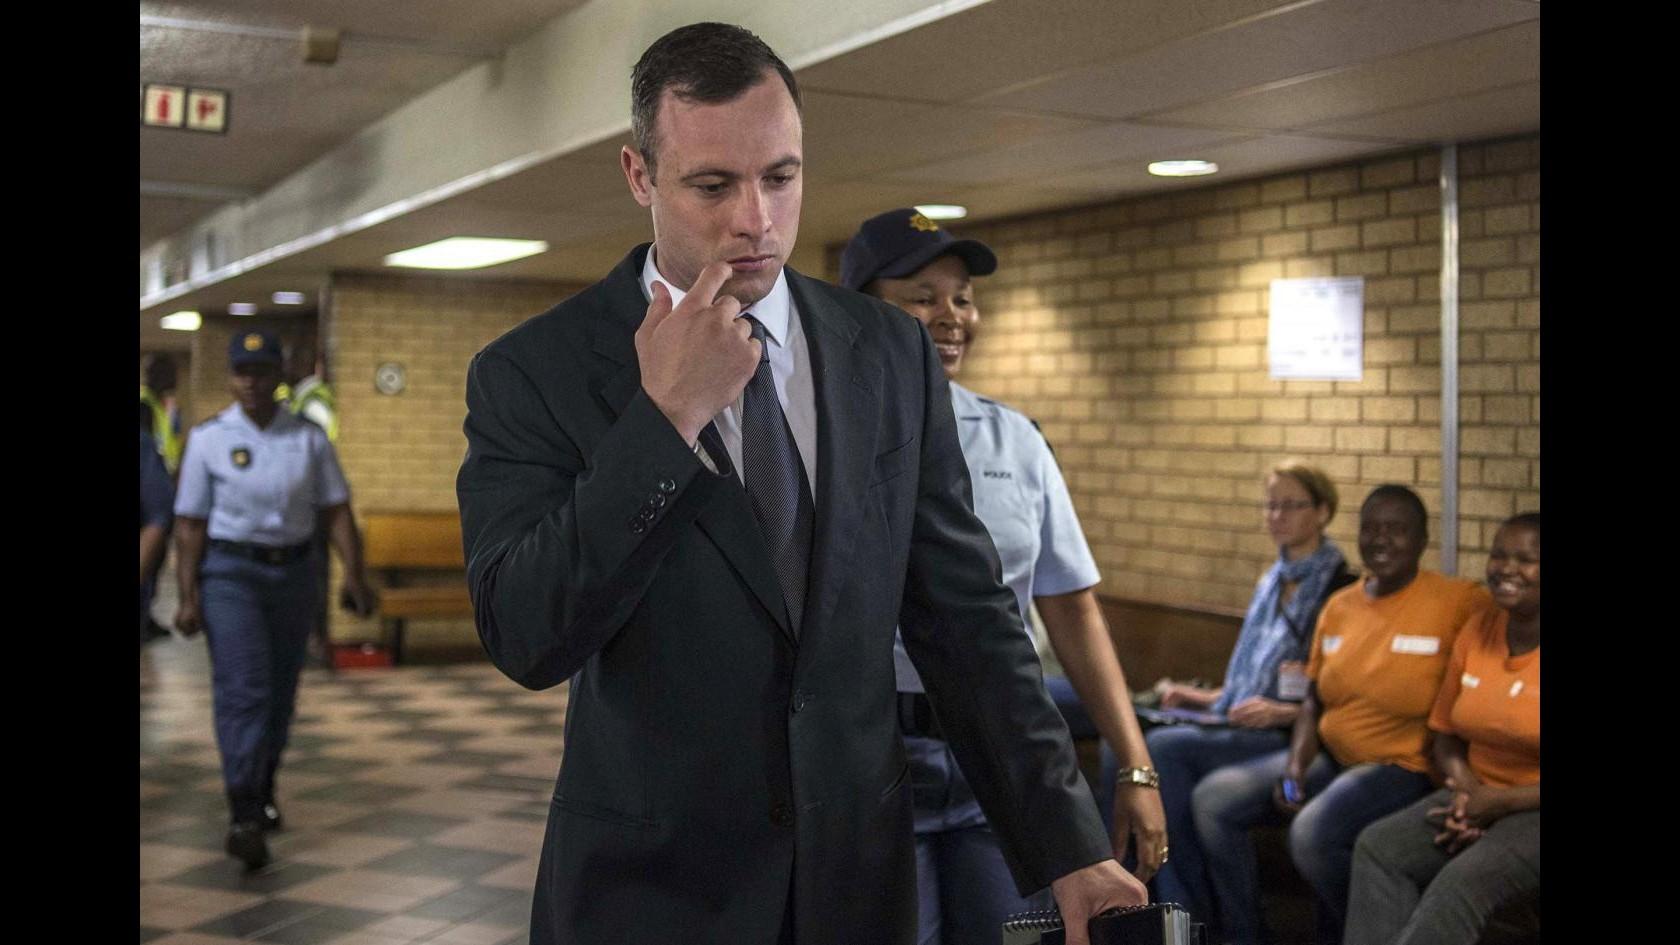 Concessa la libertà su cauzione a Pistorius. L'atleta farà appello a corte costituzionale